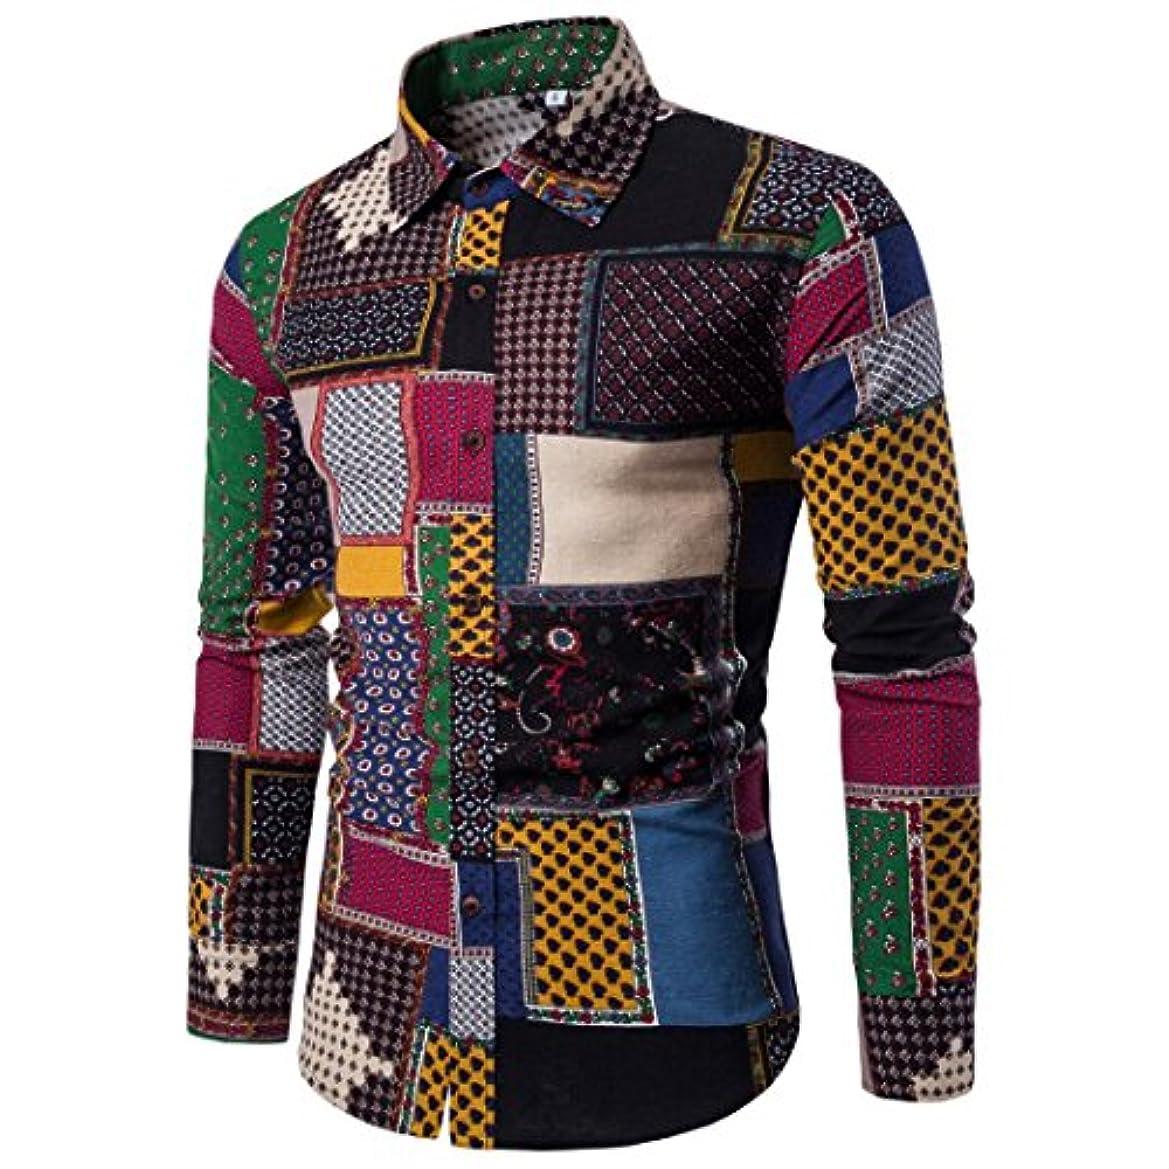 外向きモスクペイントHUYB ファッション カジュアル スリム カラフル 長袖 花柄シャツ 大きいサイズメンズ